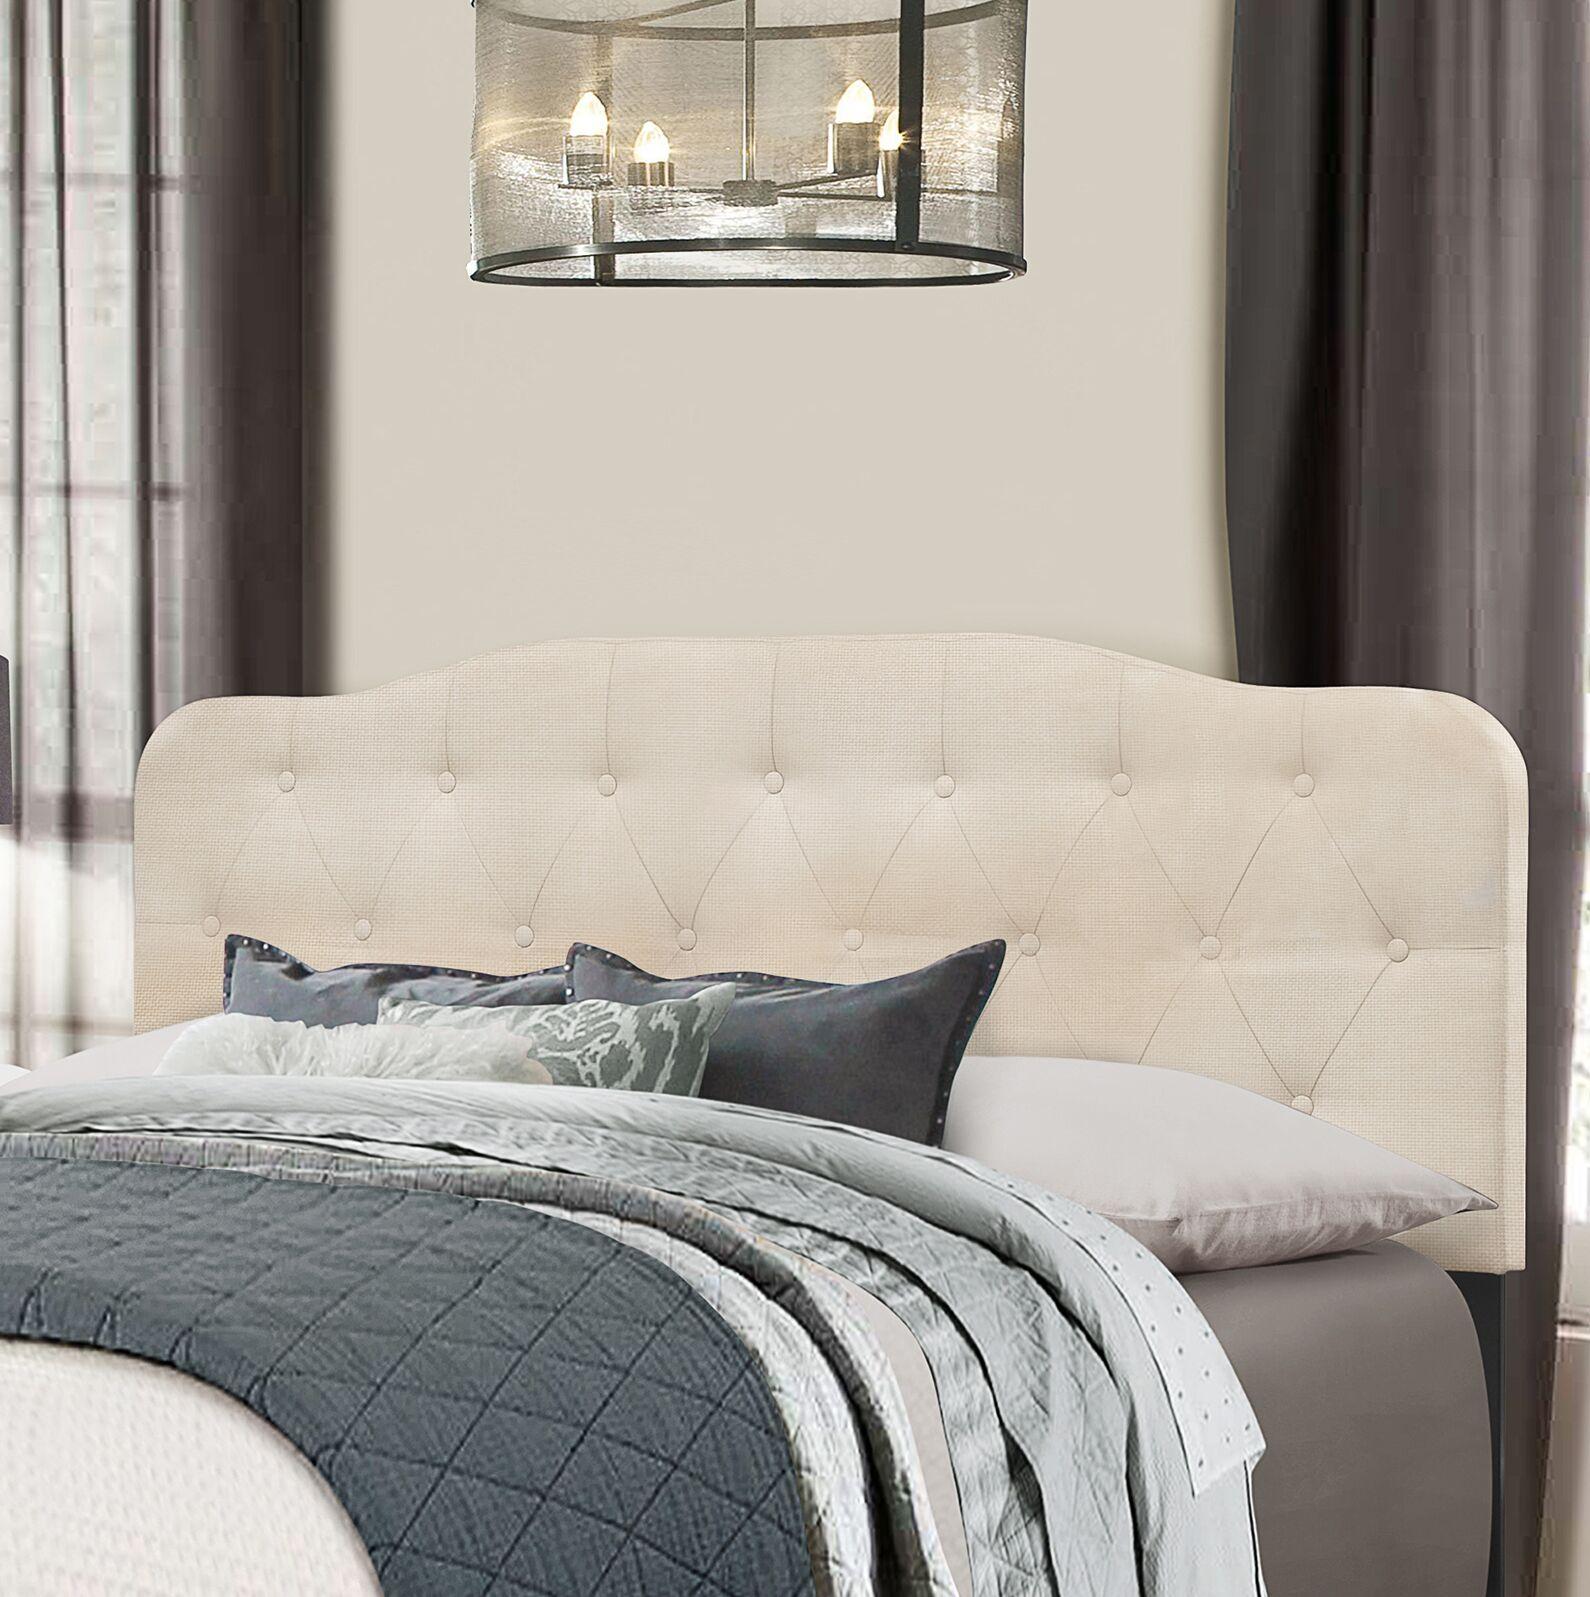 Chesterwood Upholstered Panel Headboard Size: King, Upholstery: Linen